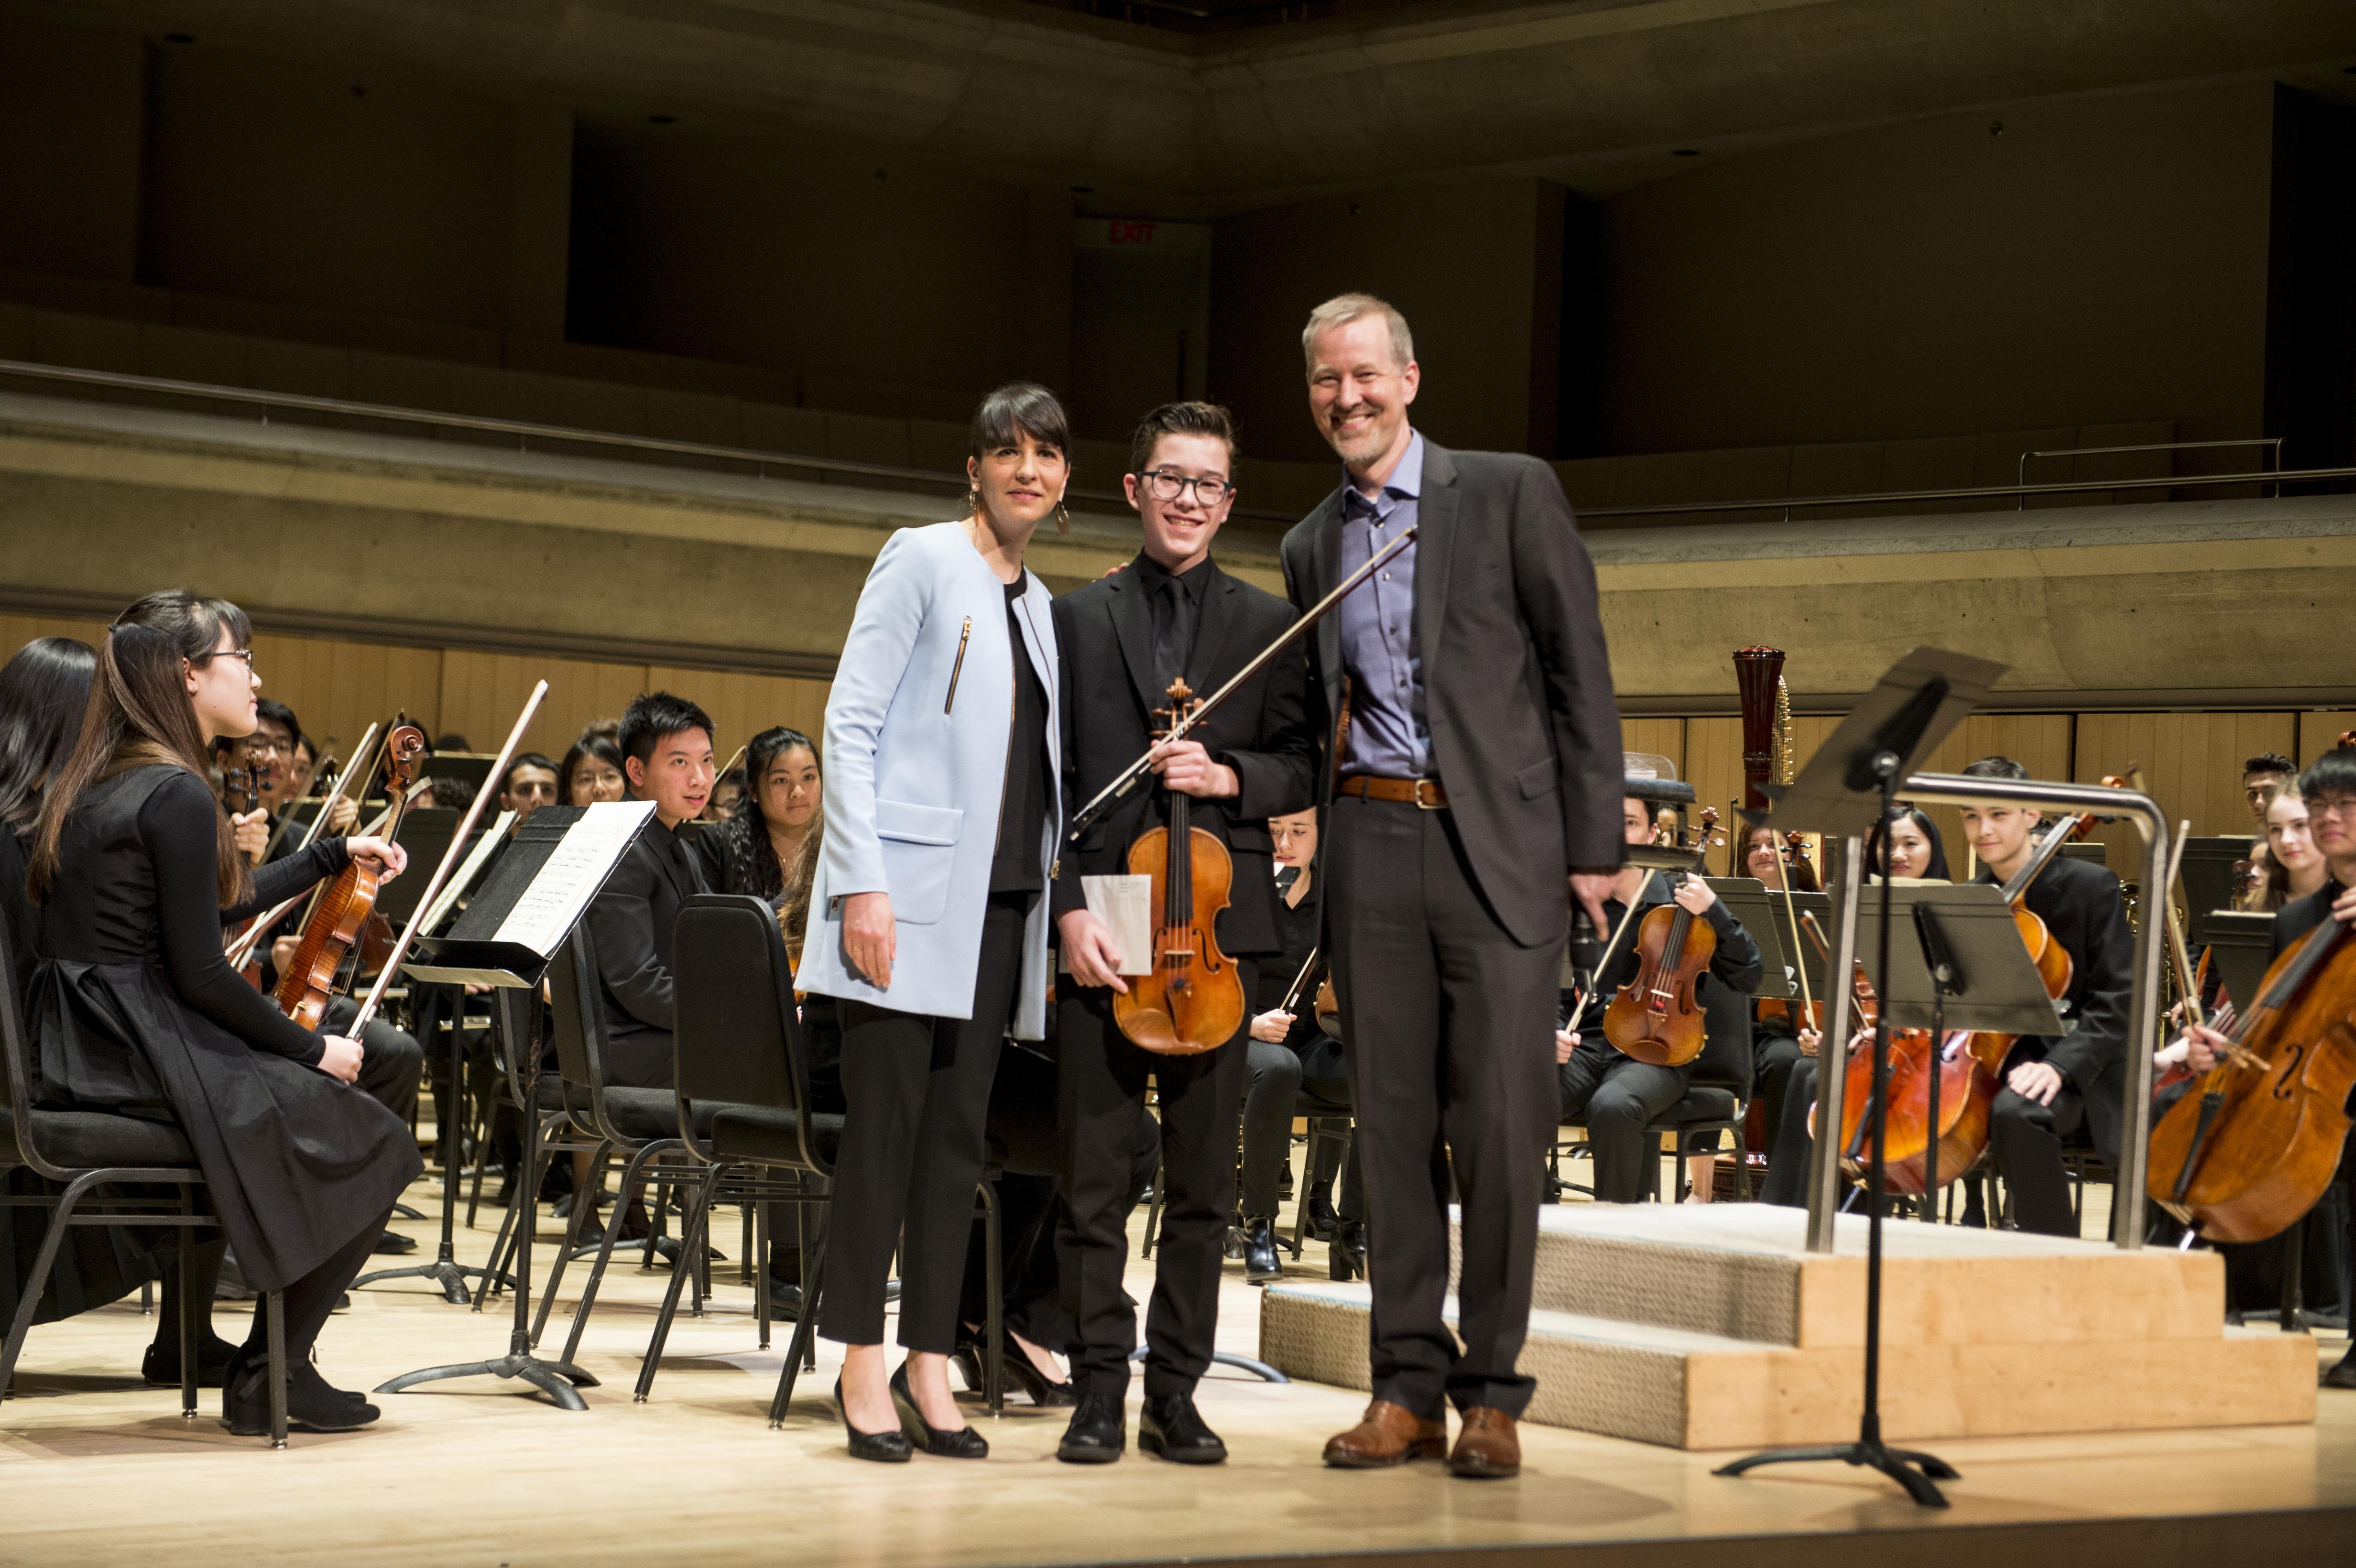 Ariane Charbonneau, Duncan MacDougall, and Matthew Loden